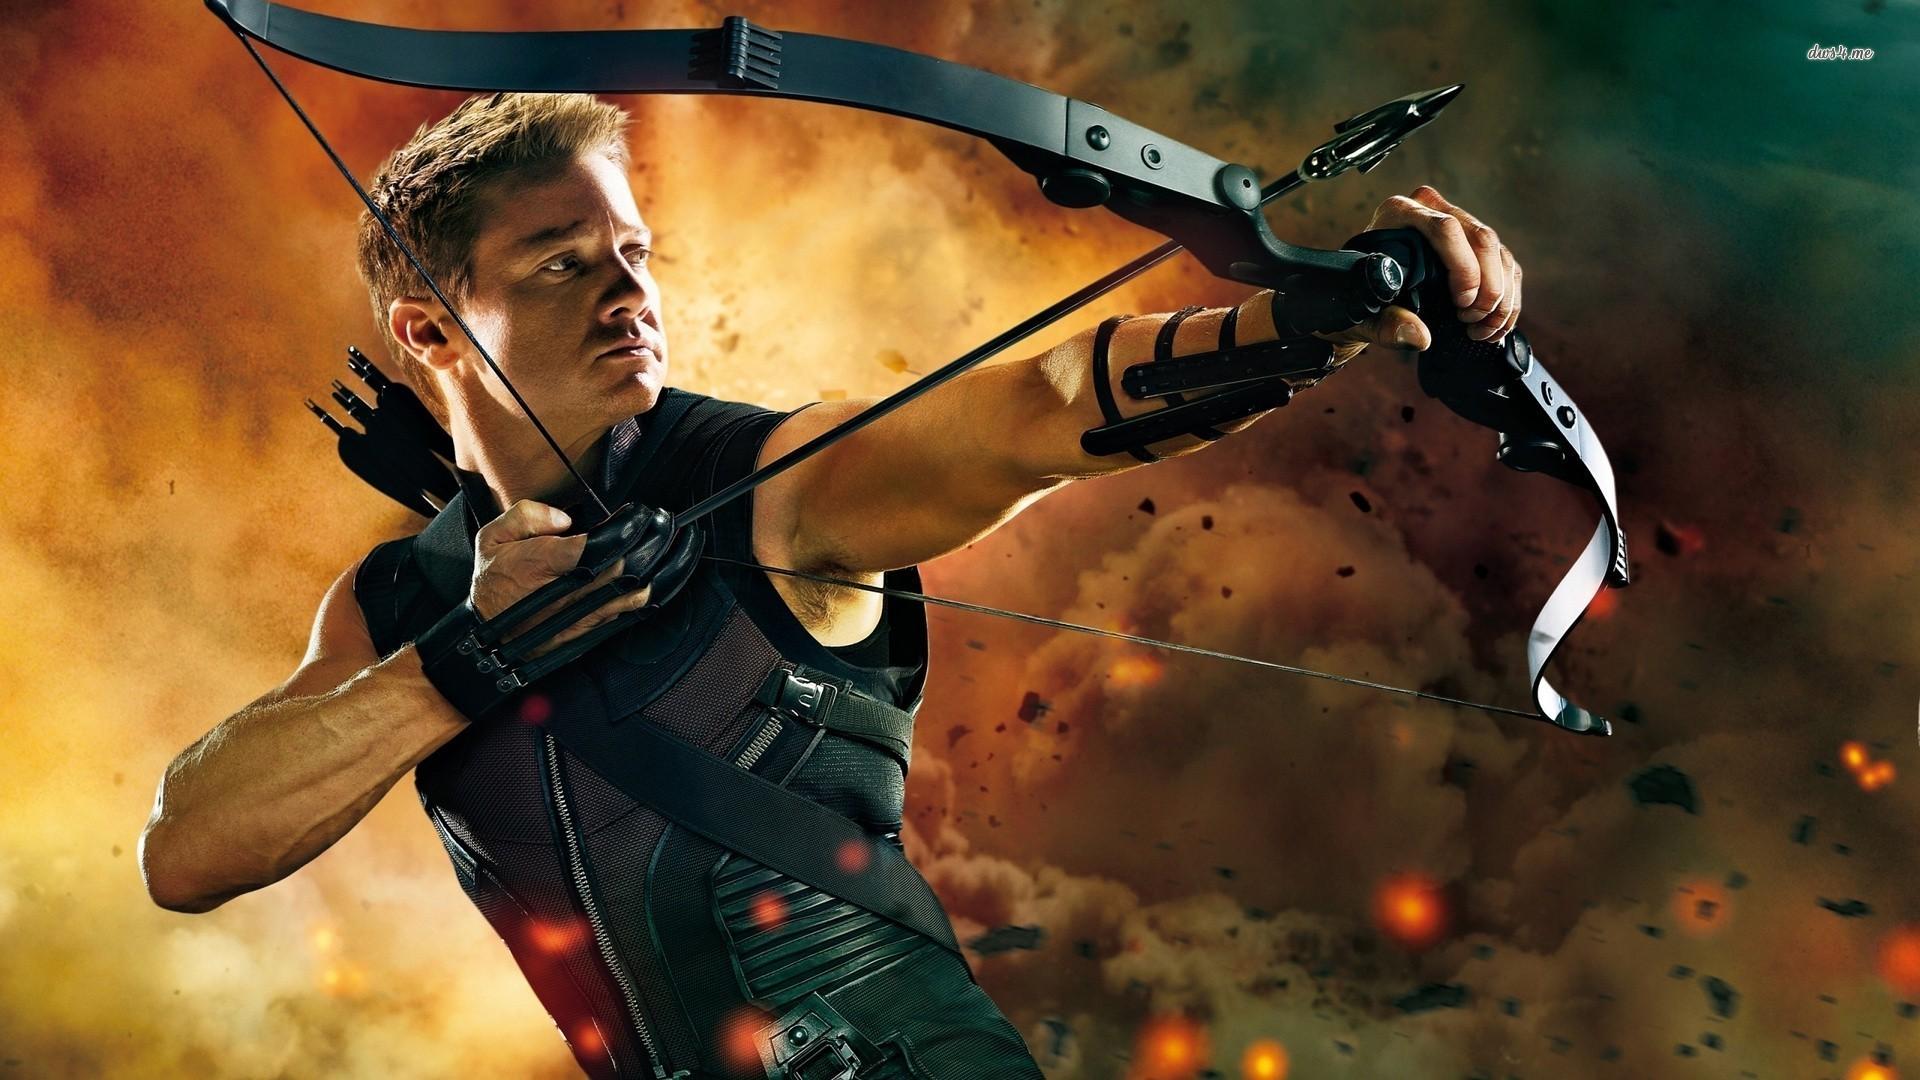 Hawkeye Avengers 4 1920x1080